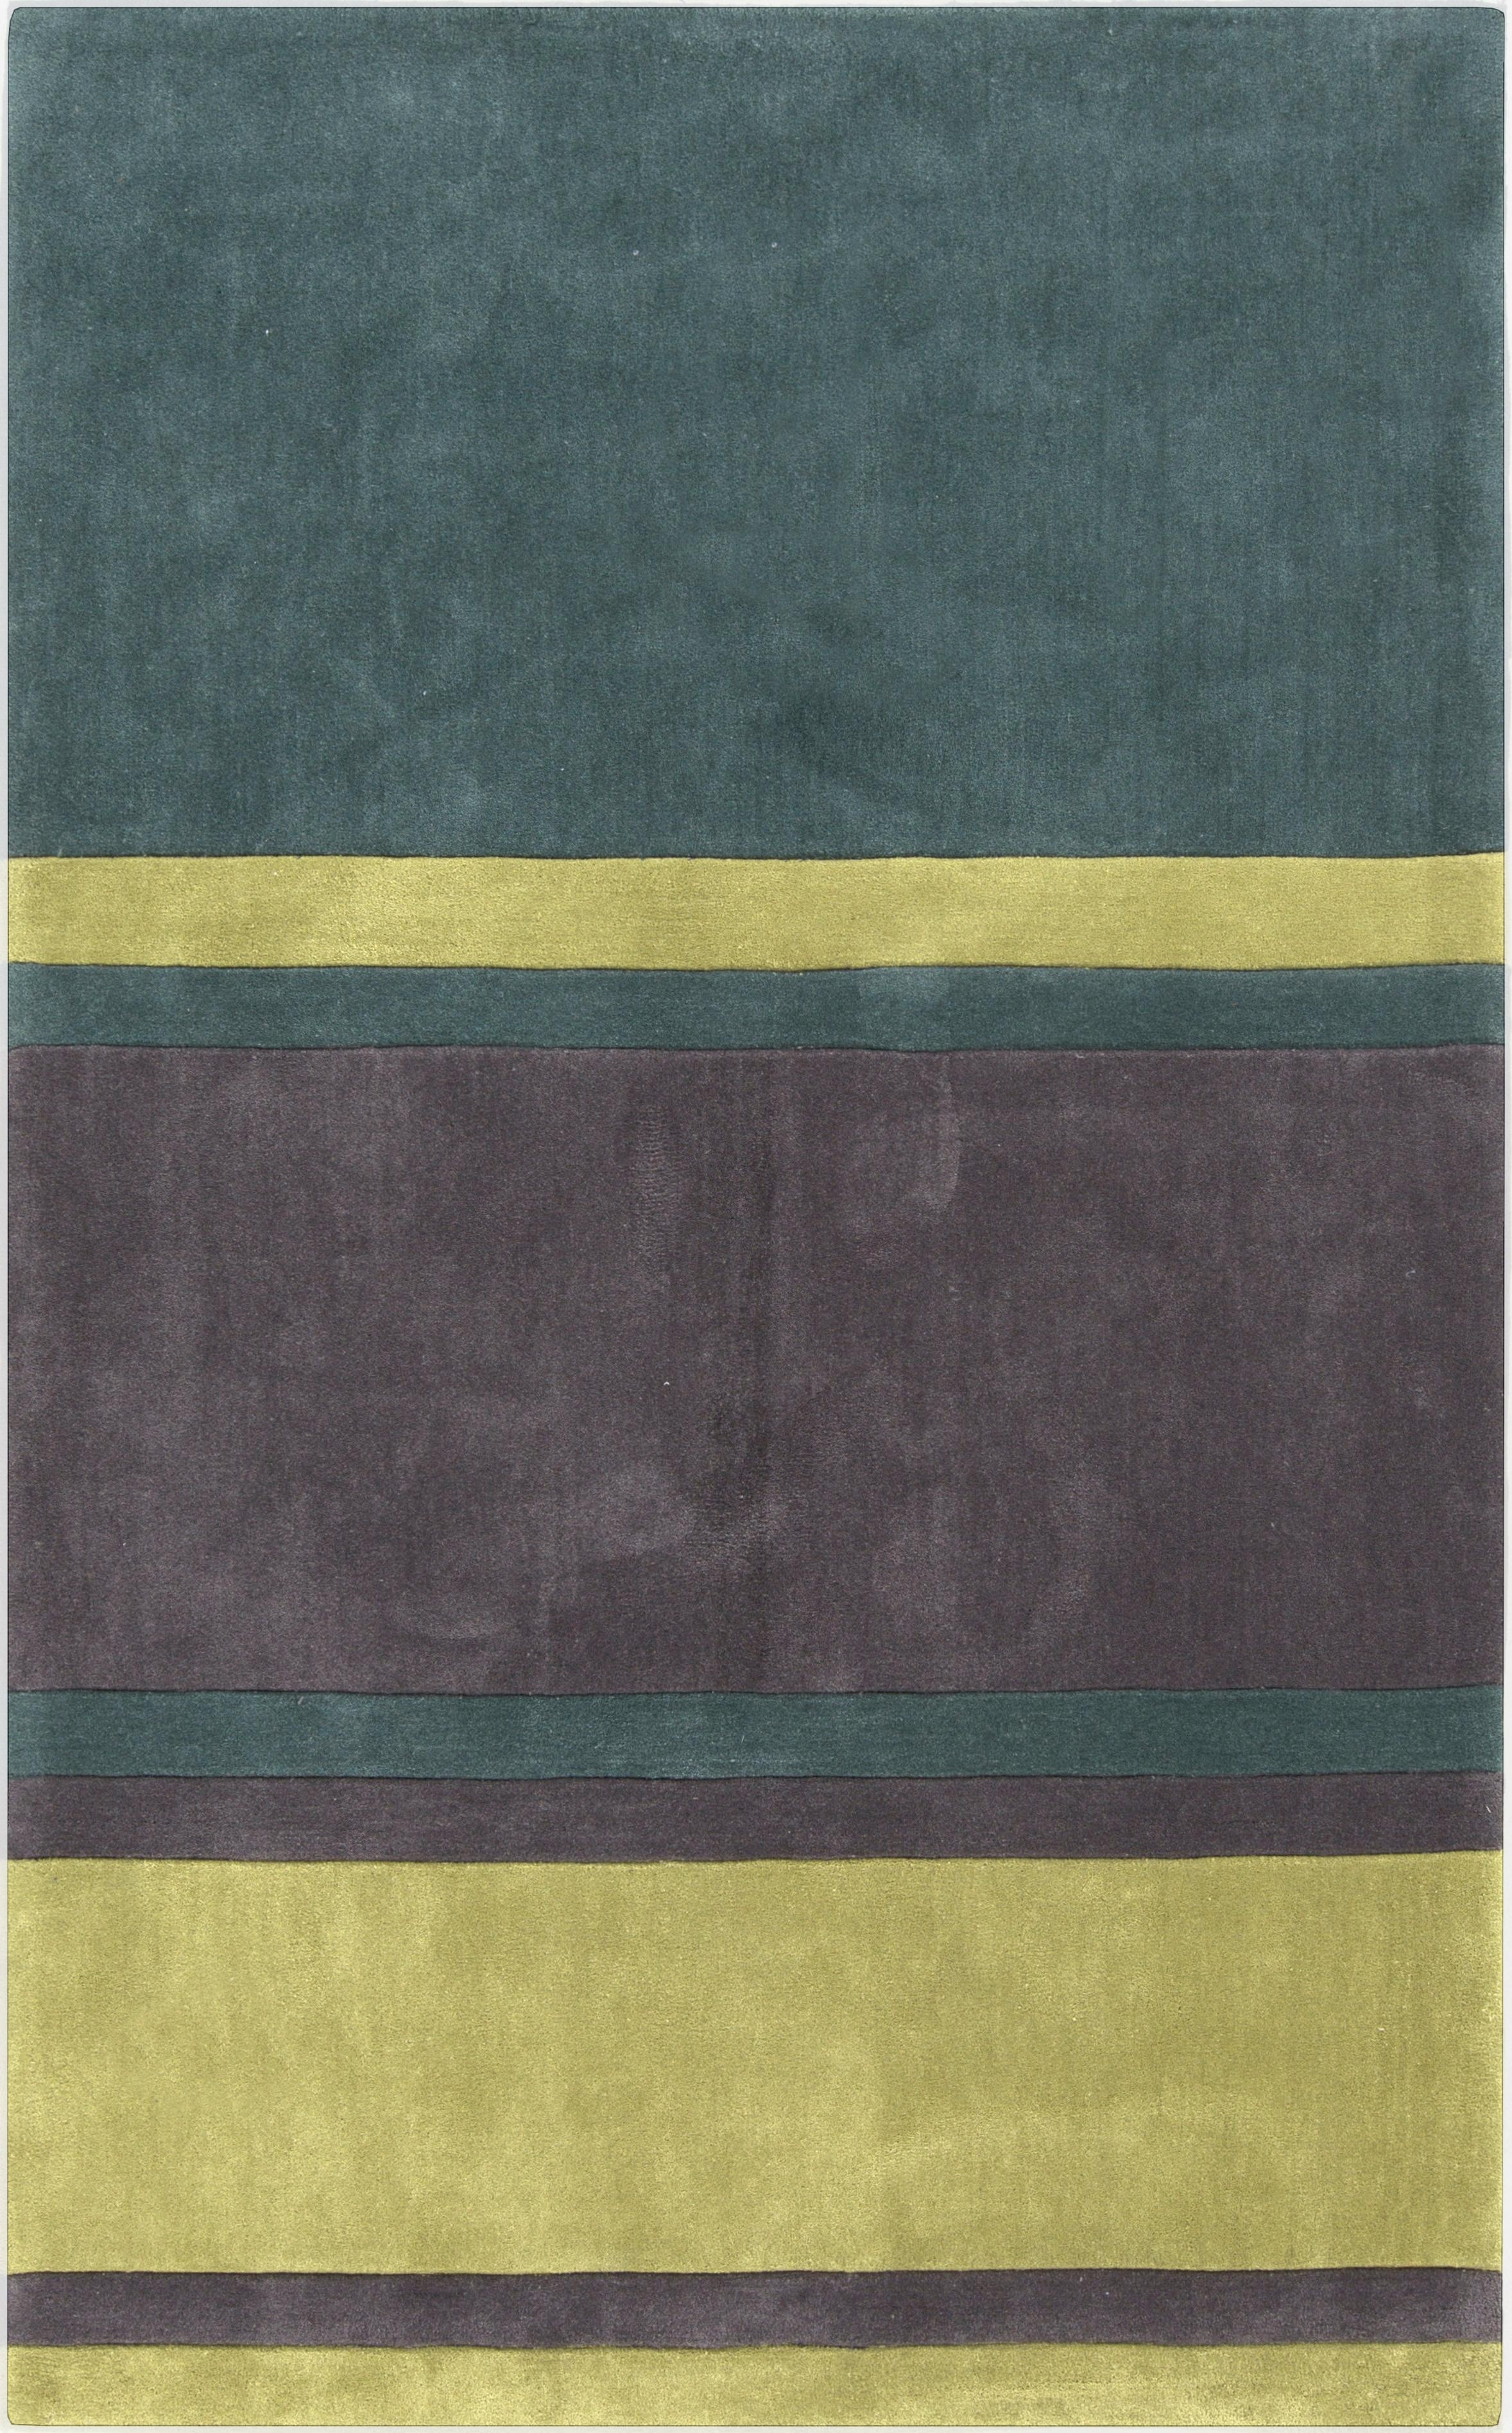 Surya Rugs Cosmopolitan 5' x 8' - Item Number: COS9214-58